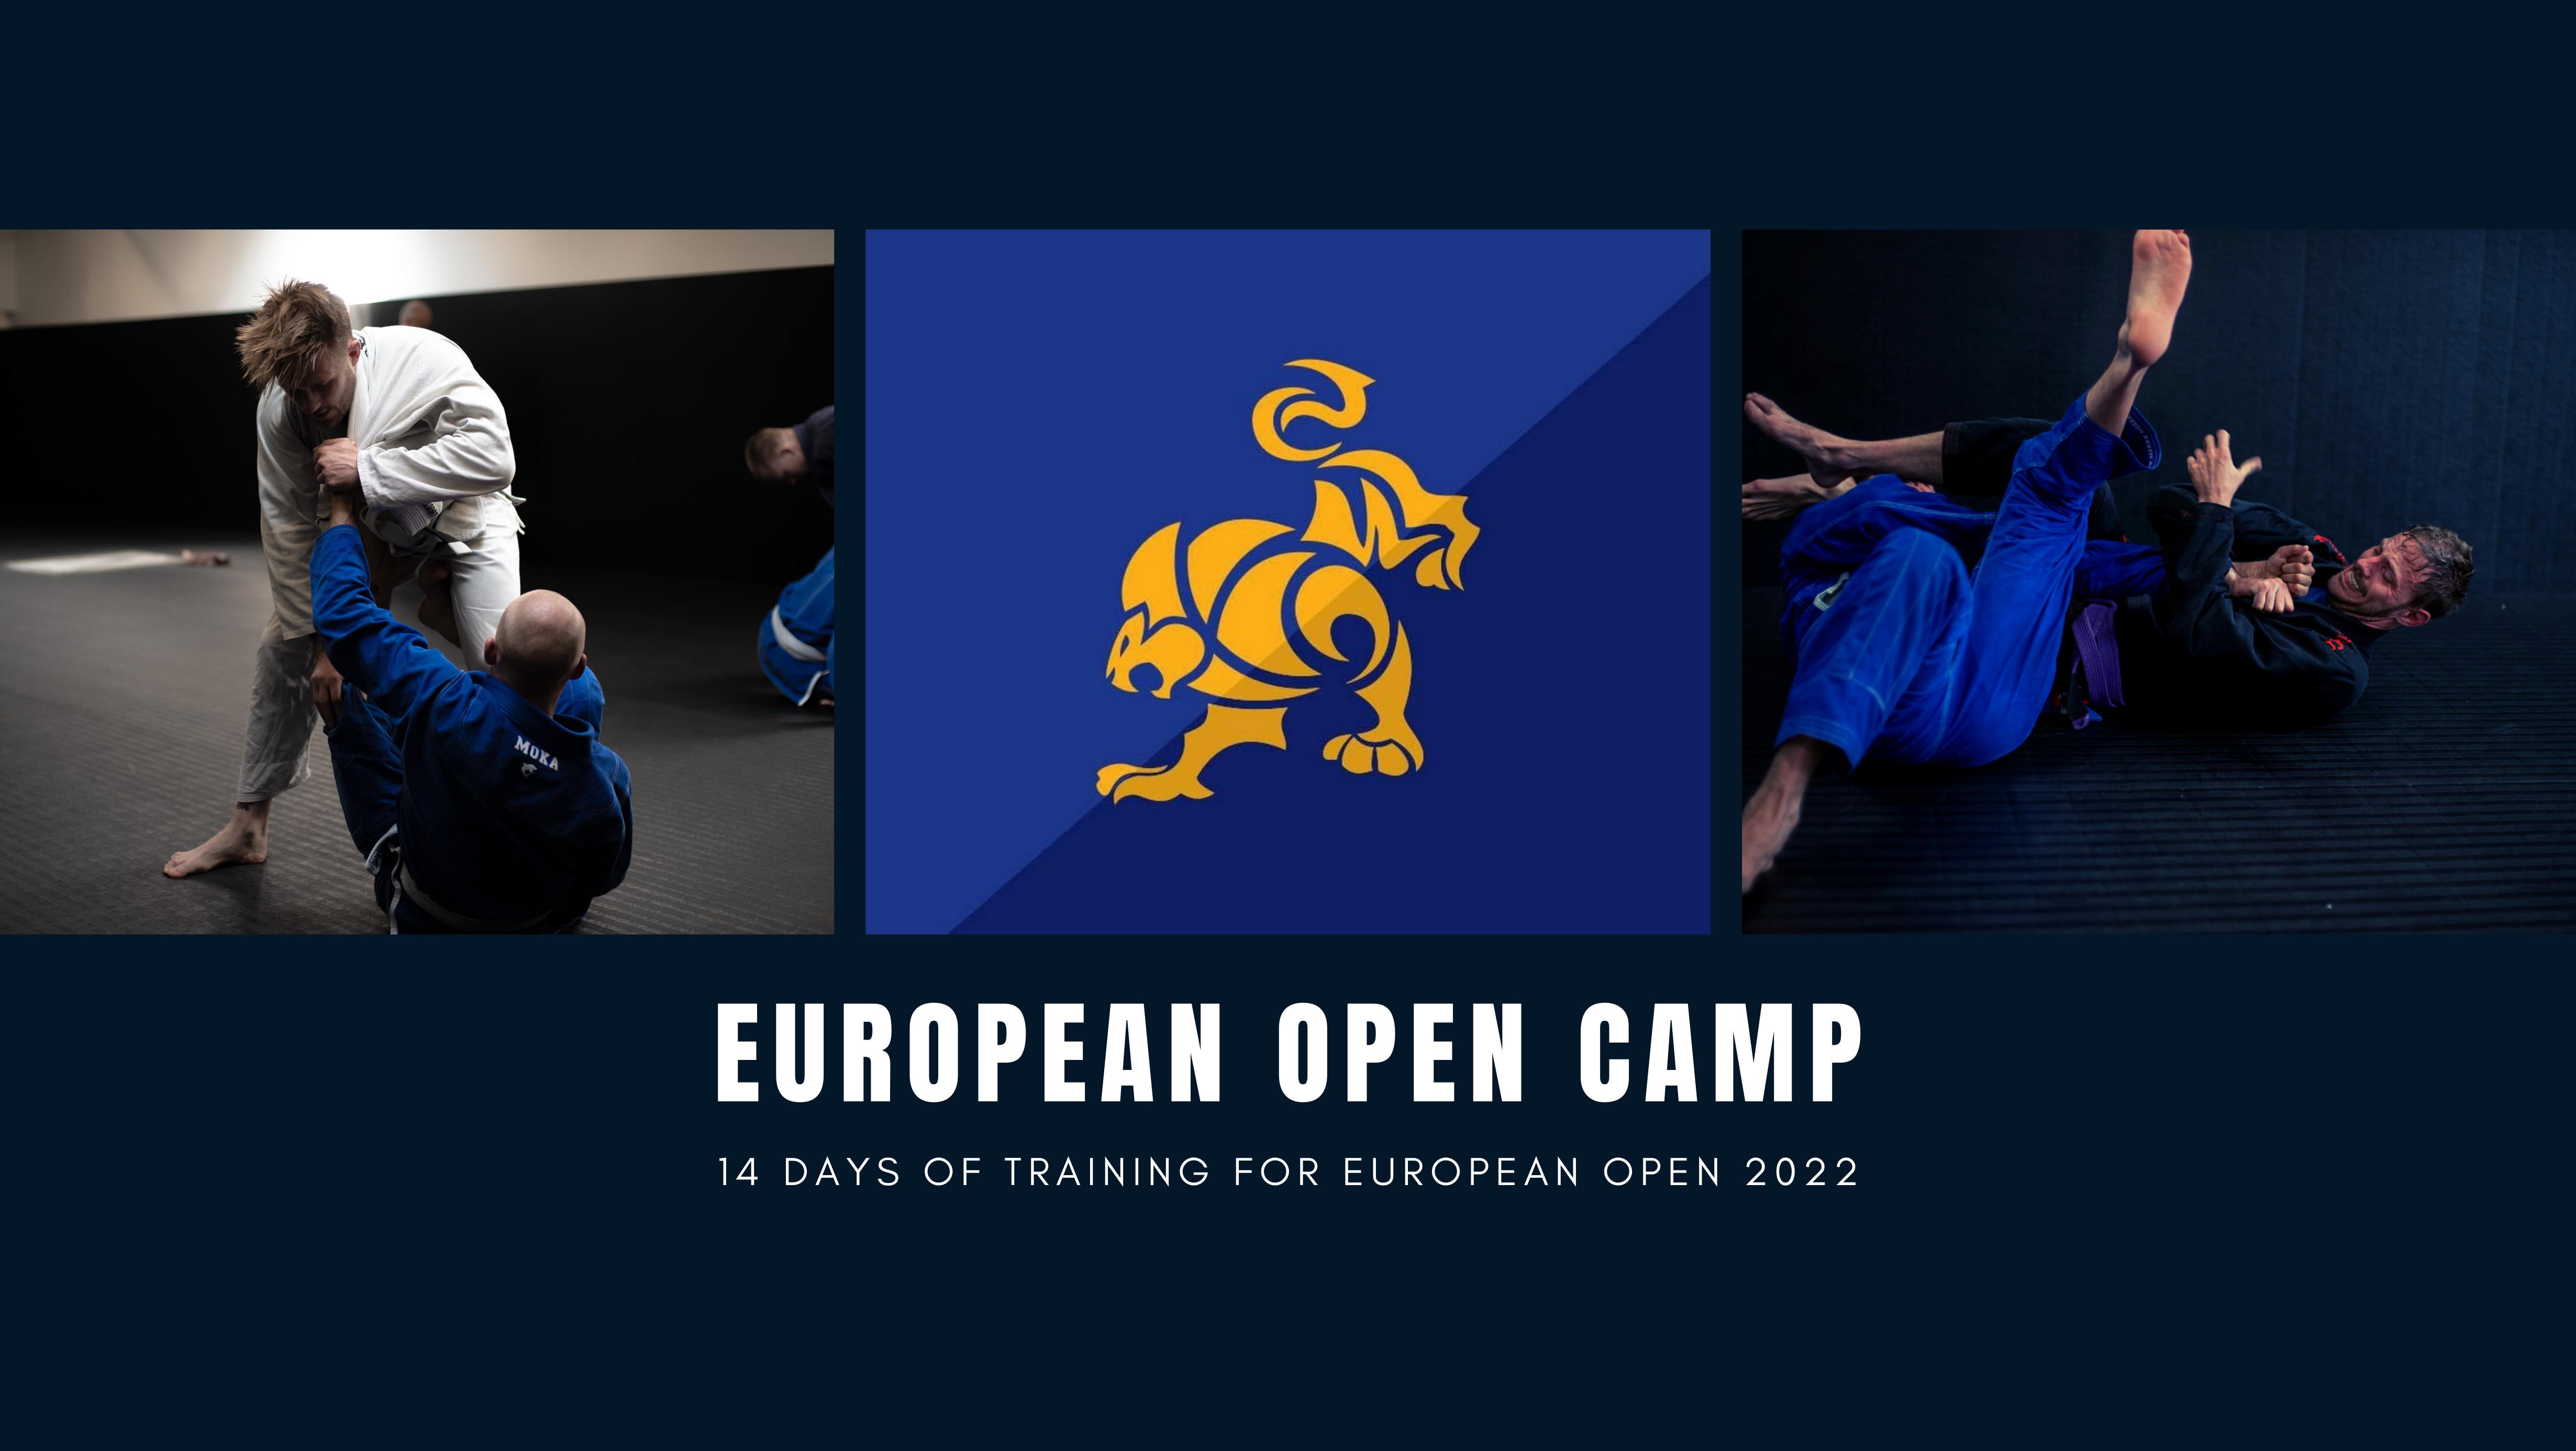 European Open Camp 2022